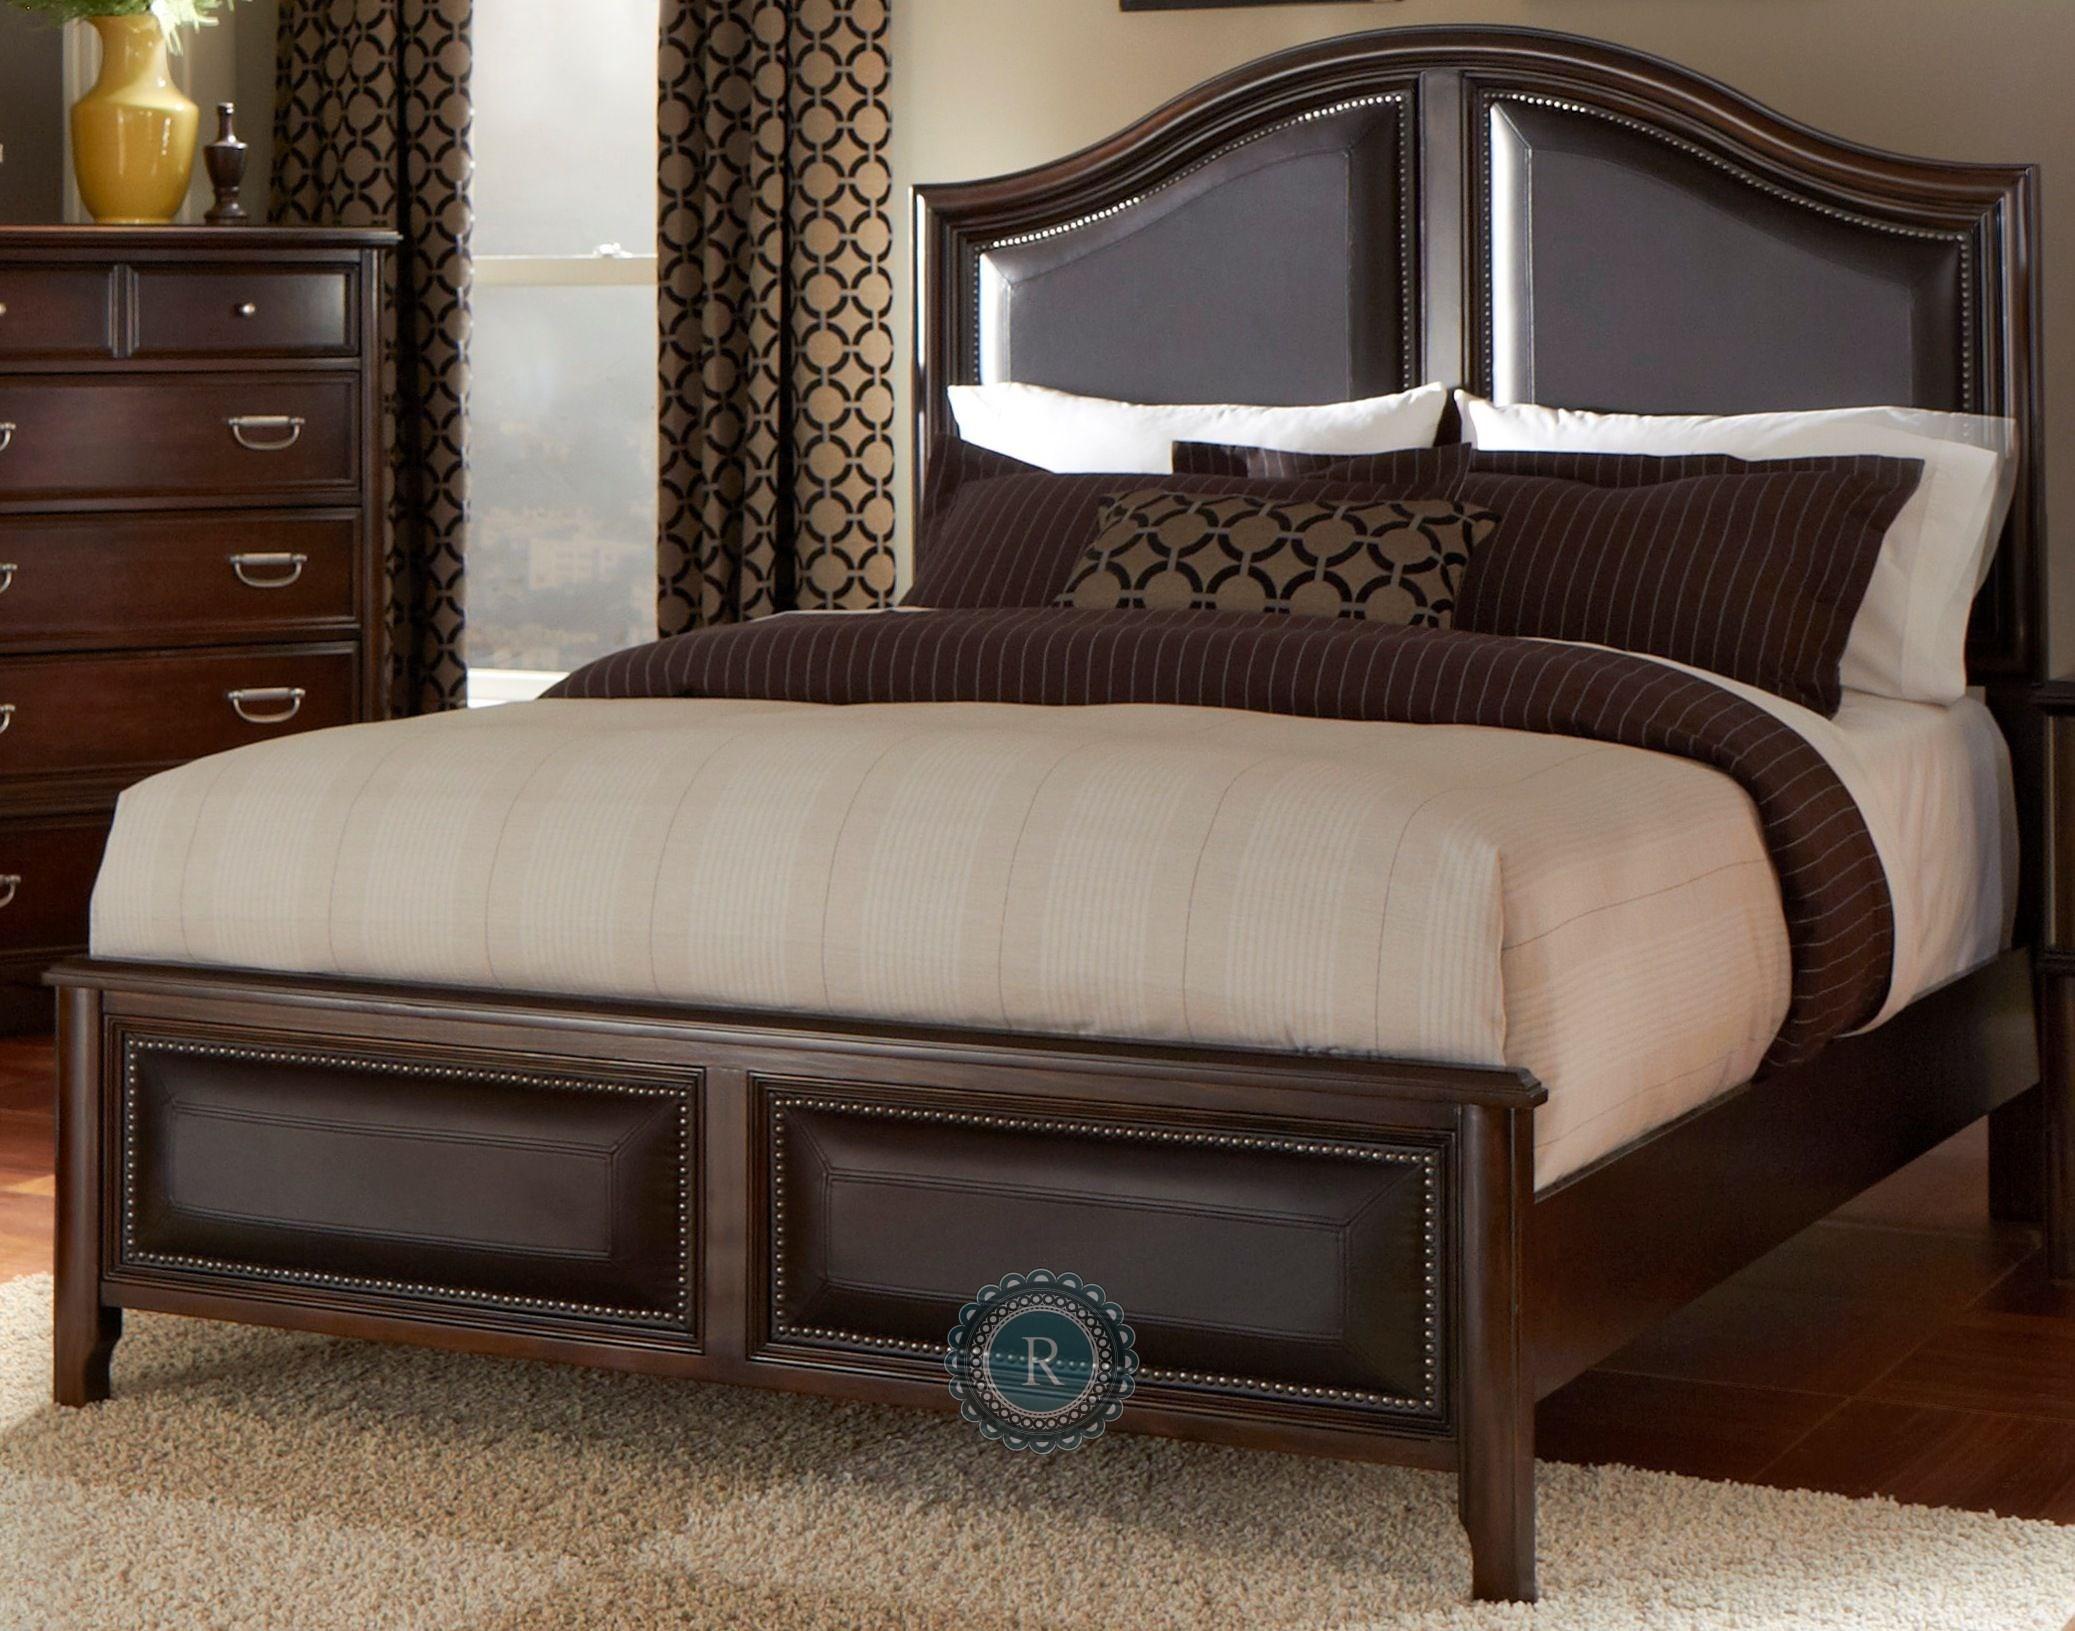 Beaux King Upholstered Panel Bed From Homelegance K